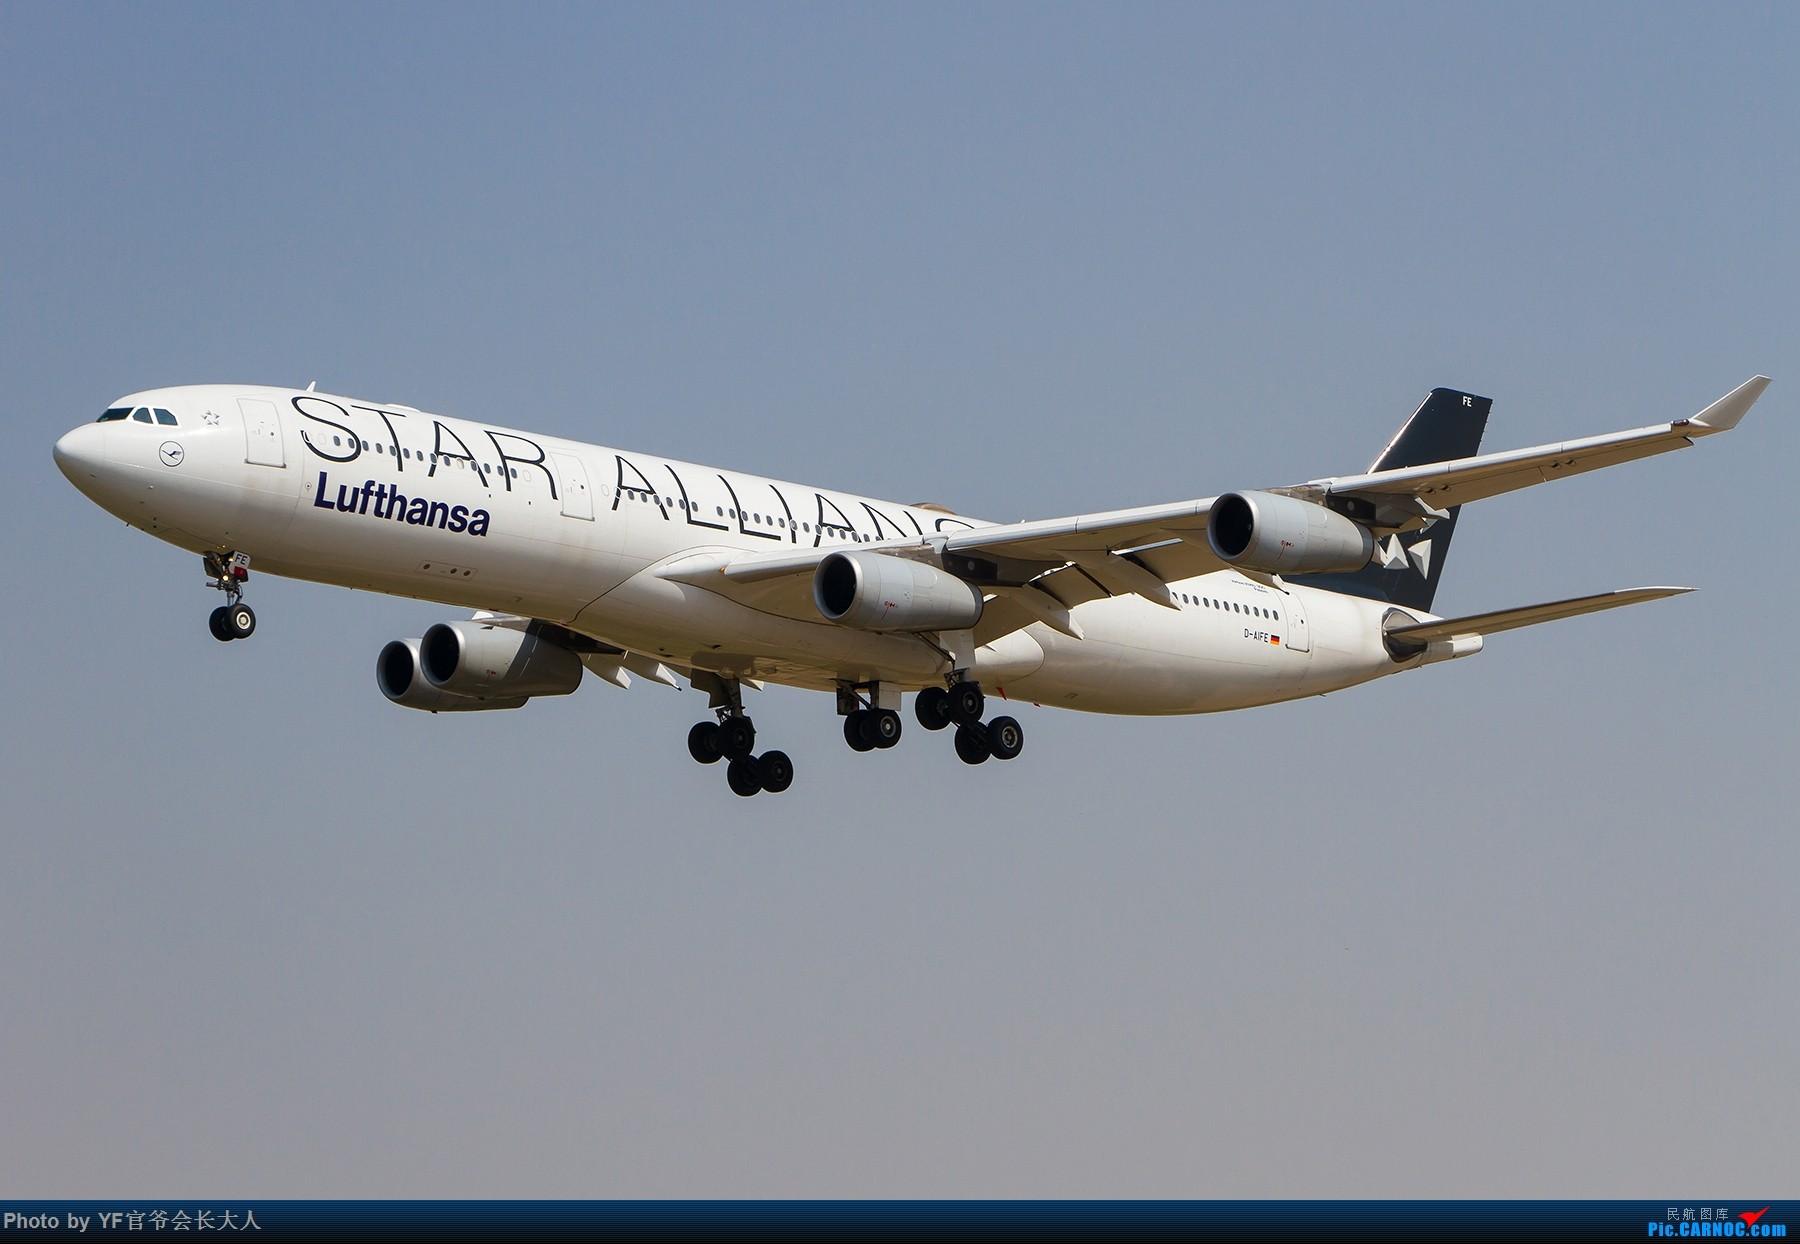 Re:[原创]【ZYTX】轻易不拍机,拍就要拍个过瘾!(新开的酷鸟,亚洲大西洋,顺带碰上朝韩两国的好货) AIRBUS A340-300 D-AIFE 中国沈阳桃仙国际机场